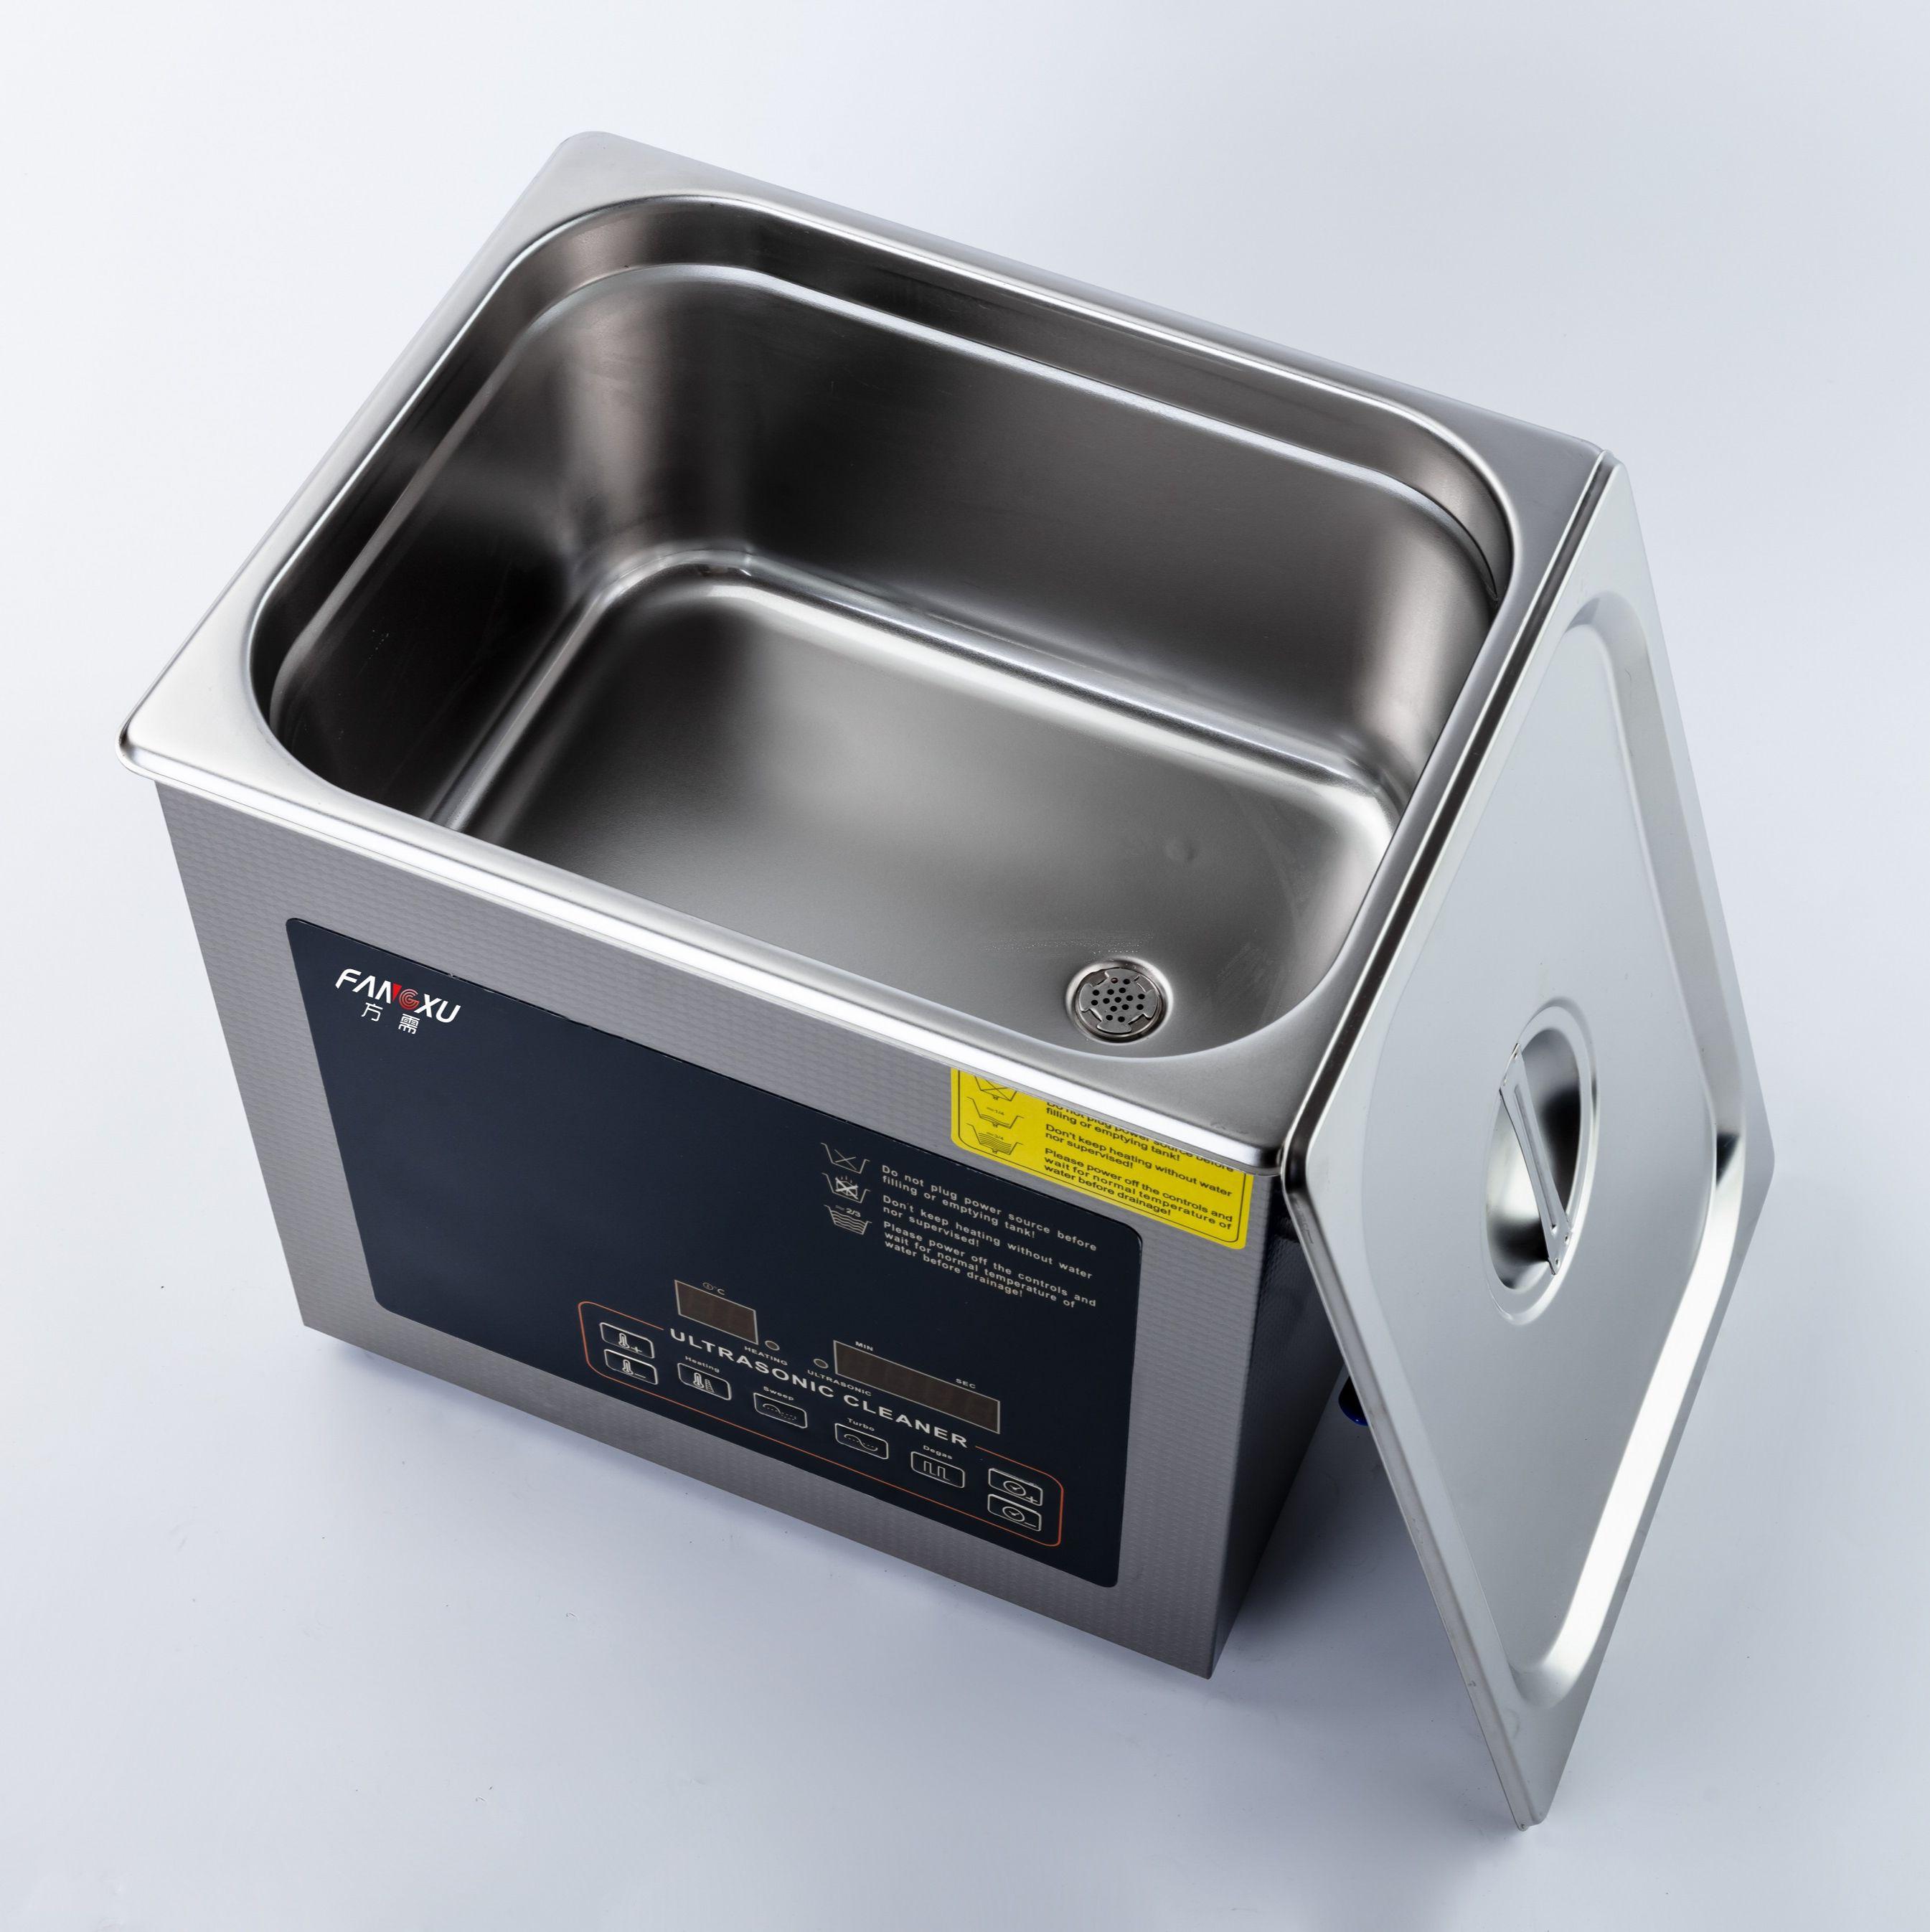 双频超声波清洗机 XJ-YD系列油污乳化电镀件电路板